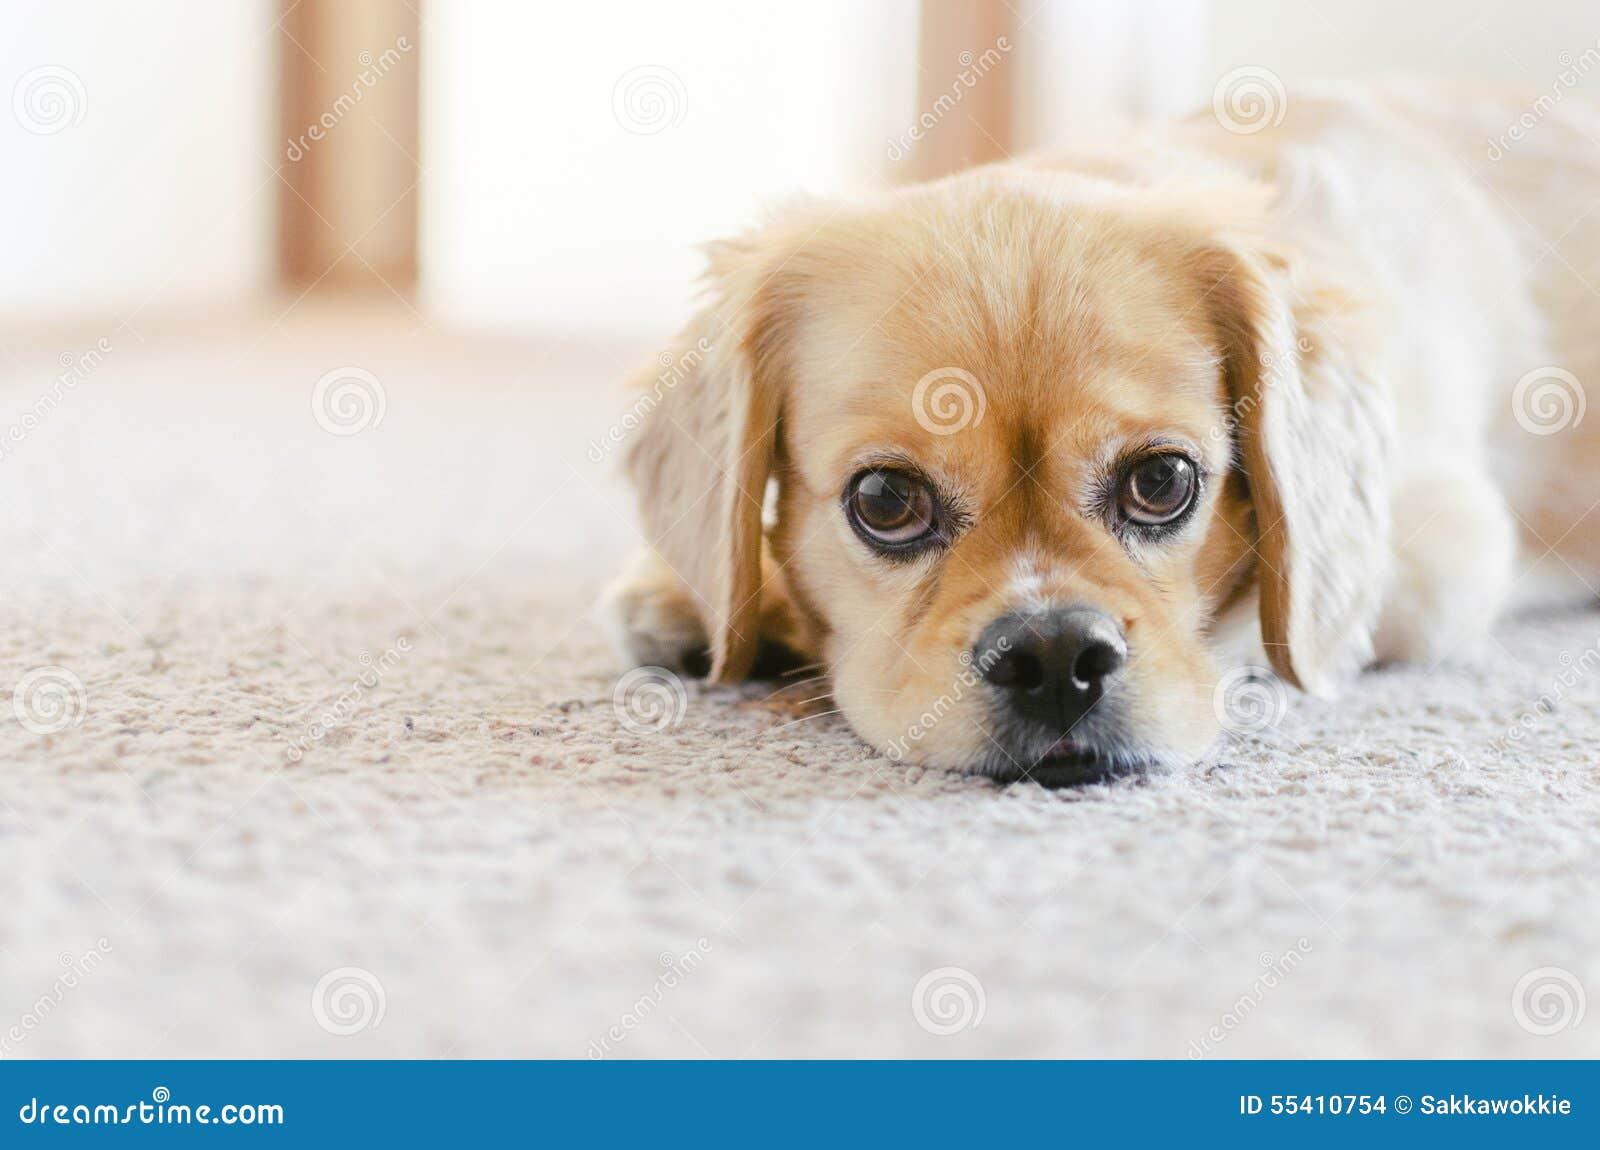 Cocker Spaniel Pekingese Cross Breed Cute Puppy Eyes Stock